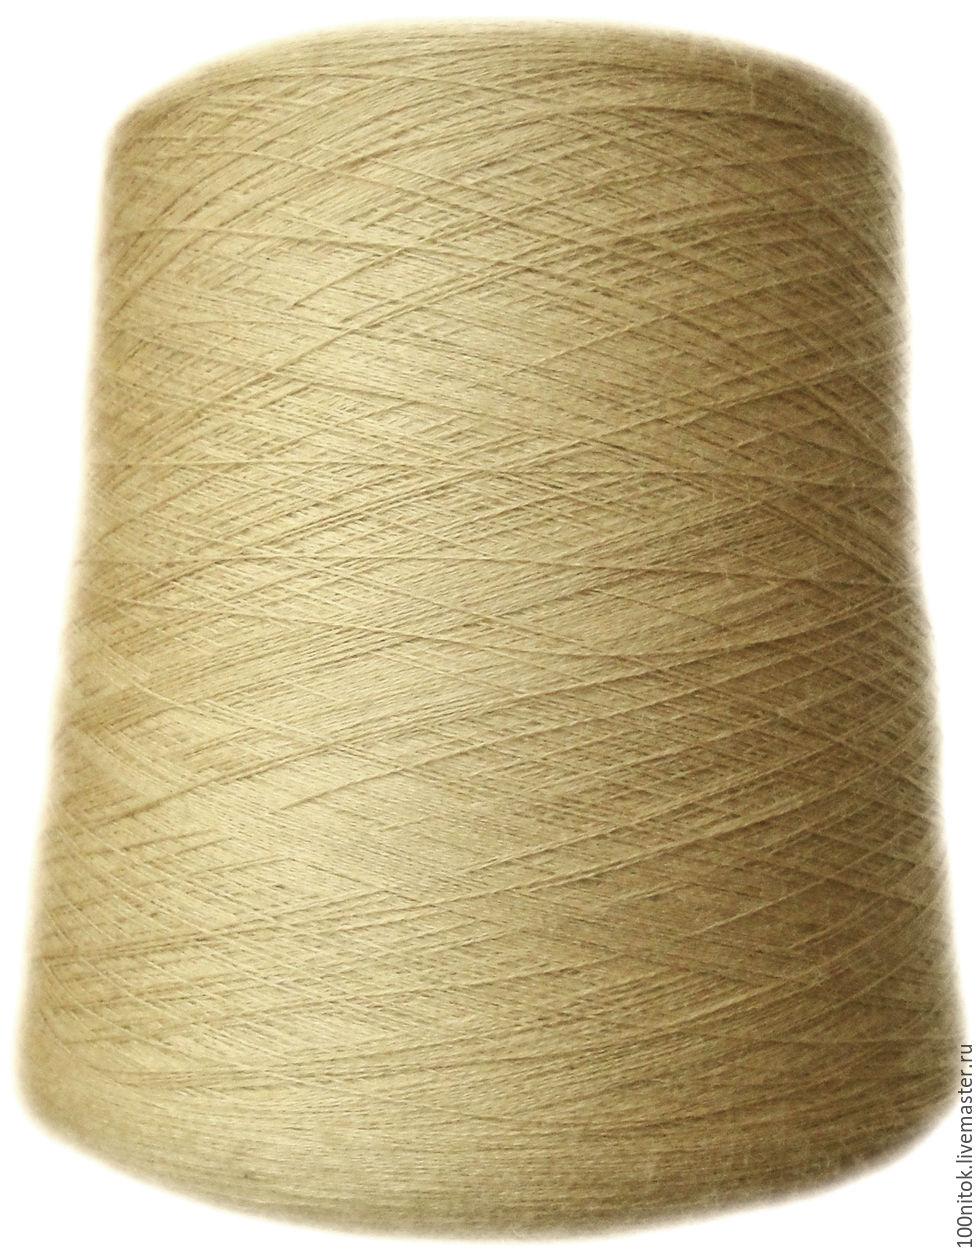 Купить пряжу мериноса на бобинах для машинного вязания в ...